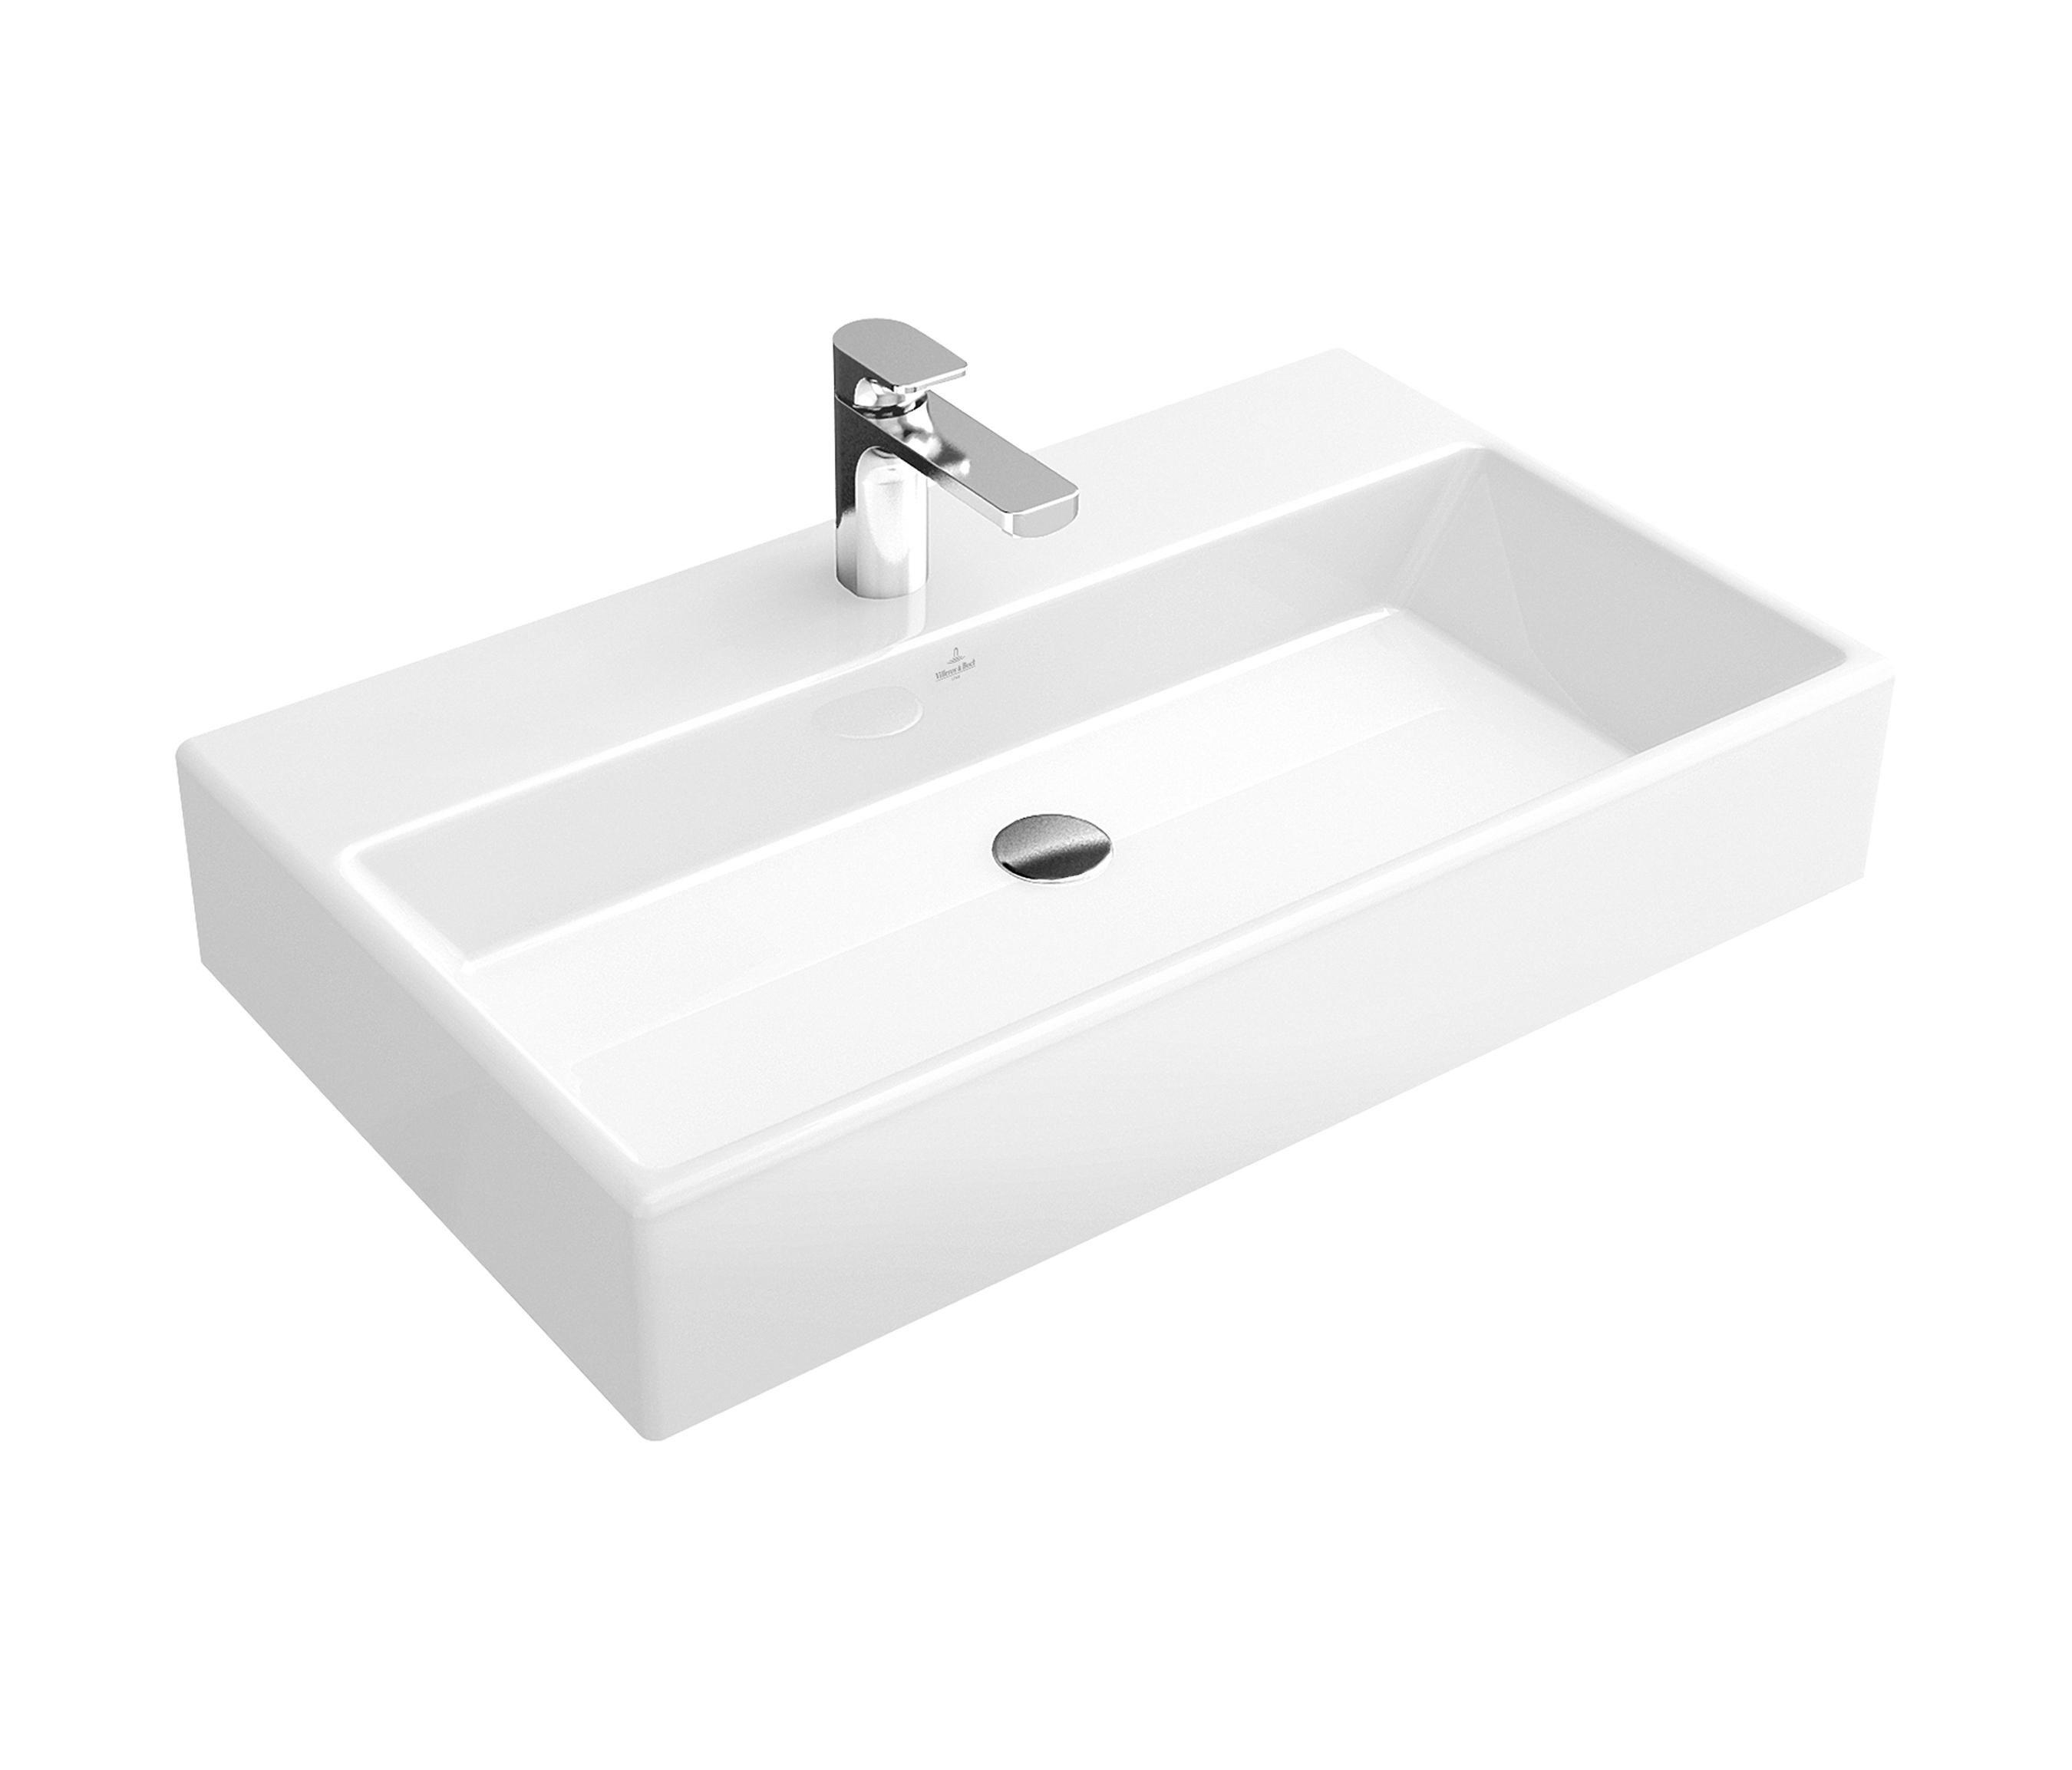 Memento Waschtisch Designer Waschtische Von Villeroy Waschtisch Waschbecken Handwaschbecken